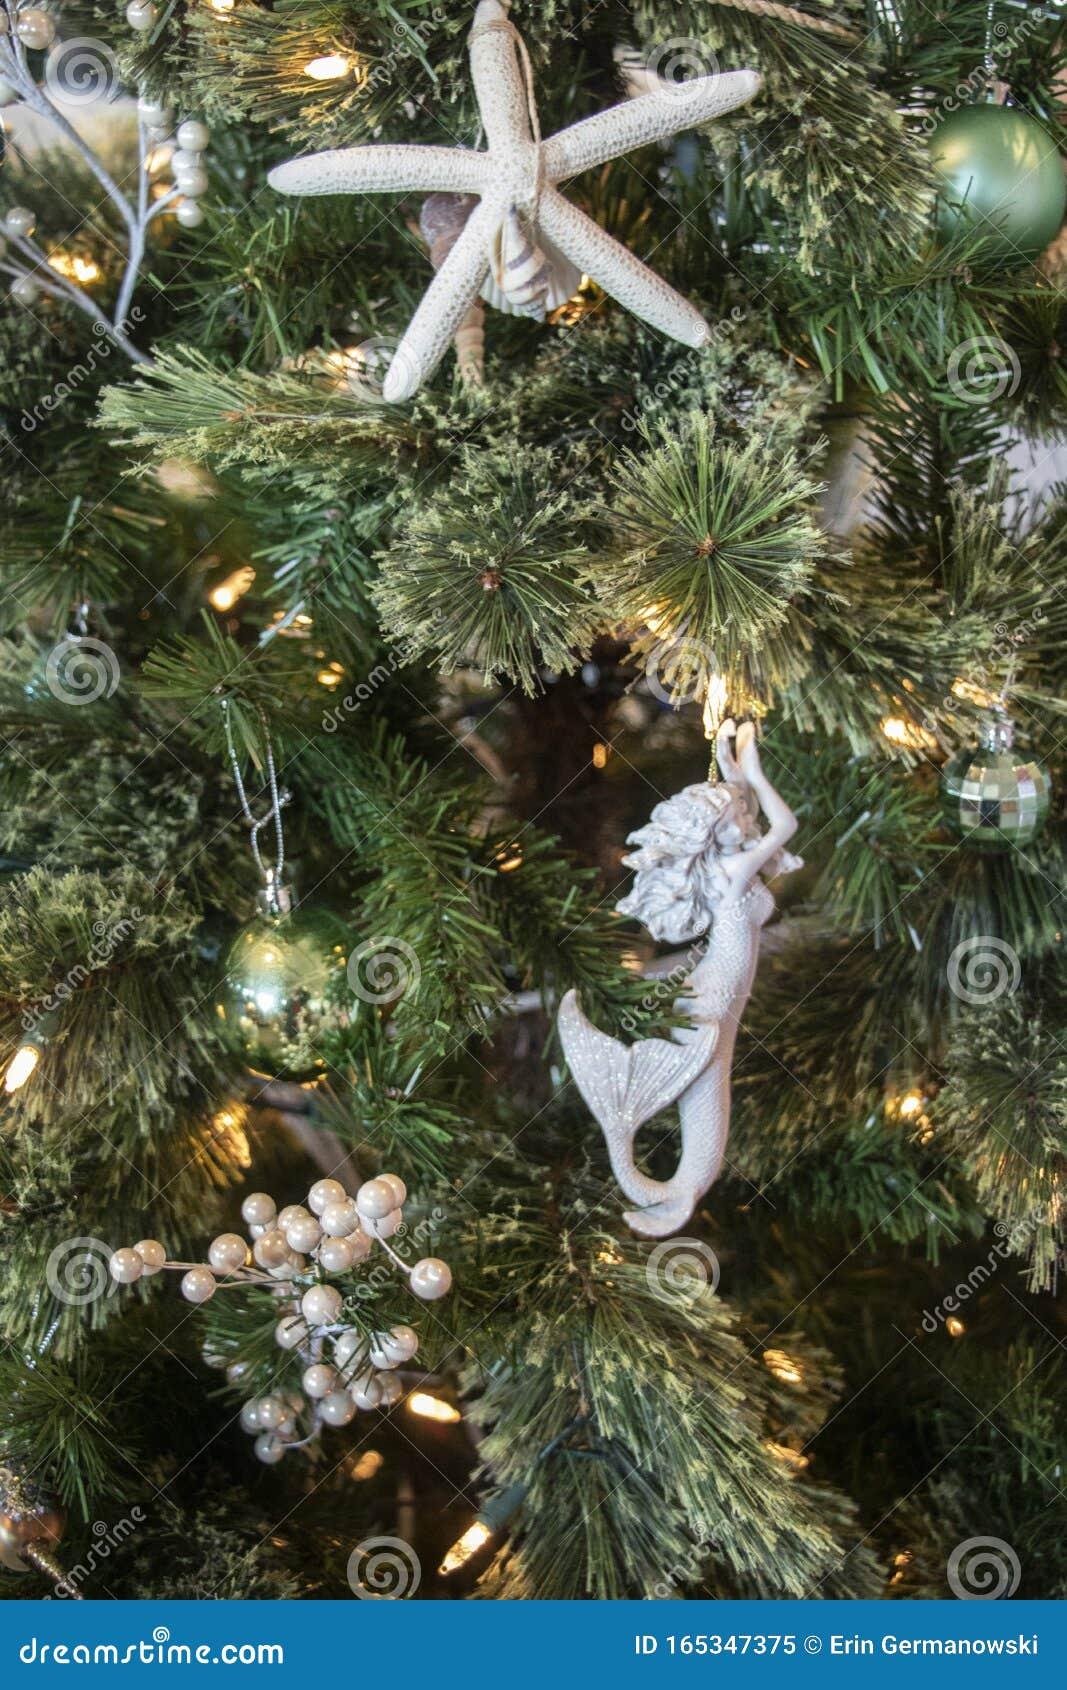 Mermaid In The Sea Christmas Tree Detail Stock Image Image Of Mermaid Time 165347375